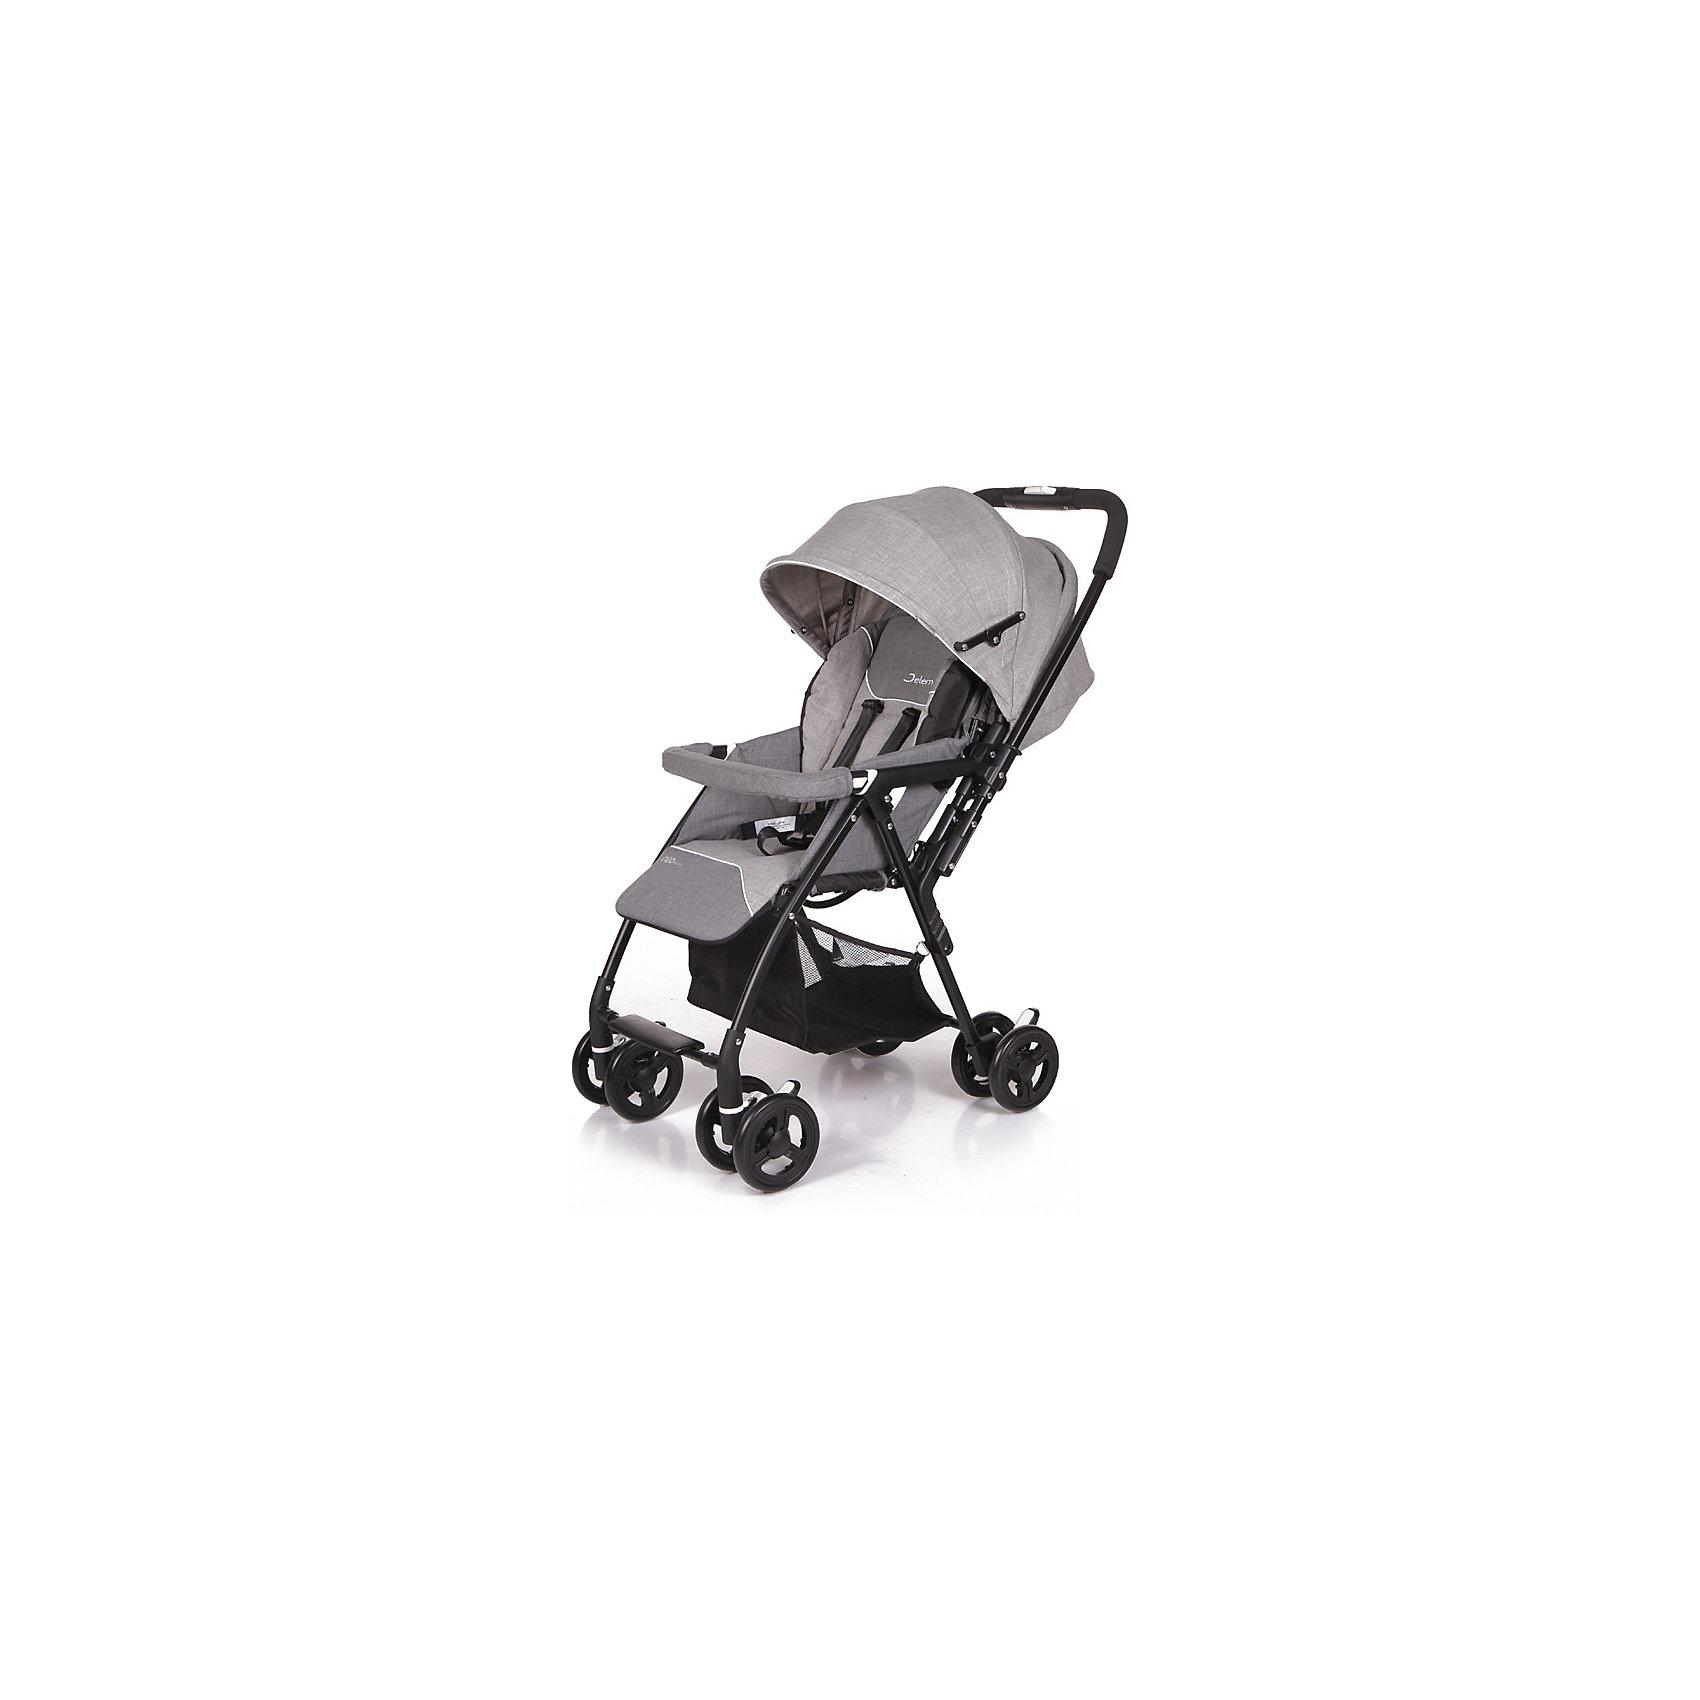 Прогулочная коляска Jetem Neo Plus, серыйПрогулочные коляски<br>Характеристики прогулочной коляски Neo Plus Jetem<br><br>Прогулочный блок:<br><br>• регулируемая спинка коляски, положение «лежа»;<br>• просторное спальное место;<br>• регулируемая подножка, 2 положения;<br>• глубокий регулируемый капюшон, надежно защищает от солнечных лучей и осадков;<br>• на капюшоне имеется сетчатое смотровое окошко под клапаном;<br>• 5-ти точечные ремни безопасности;<br>• съемный защитный бампер с мягкой накладкой;<br>• чехол на ножки защищает ребенка в холодное время года;<br>• материал: пластик, полиэстер;<br>• длина спального места: 80 см;<br>• ширина сиденья: 33 см.<br><br>Рама коляски:<br><br>• перекидная ручка коляски;<br>• сдвоенные колеса коляски;<br>• передние поворотные колеса с блокировкой;<br>• задний стояночный тормоз на всех колесах;<br>• механизм складывания коляски: книжка;<br>• коляска складывается одной рукой;<br>• устойчиво стоит в сложенном виде в вертикальном положении;<br>• материал рамы: алюминий, колеса - полиуретан;<br>• высота ручки: 97 см;<br>• ширина колесной базы: 48,5 см;<br>• диаметр колес: 15,3 см;<br>• размер корзины для покупок: 30,5х30,5х24 см.<br><br>Размер коляски: 86х48,5х97 см<br>Размер коляски в сложенном виде: 36х48,5х90,5 см<br>Вес коляски: 6,7 кг<br>Размер упаковки: 87х46х29 см<br>Вес в упаковке: 8,2 кг<br><br>Легкая и маневренная прогулочная коляска Jetem Neo Plus предназначена для весенне-летнего периода и путешествий с ребенком. Перекидная ручка коляски Neo Plus позволяет менять направление движения коляски без особых трудностей. Ребенок может сидеть в прогулочном блоке лицом к маме или лицом к окружающему миру. Большой капюшон со смотровым окном опускается почти до бампера. Высота спинки плавно регулируется с помощью ремней. Коляску можно легко сложить одной рукой.<br> <br>Покупка коляски Neo Plus Jetem – это верное решение современных мам, которые ценят комфорт малыша, а также его удобство!<br><br>Прогулочную коляску Neo Plus, Jetem, ц